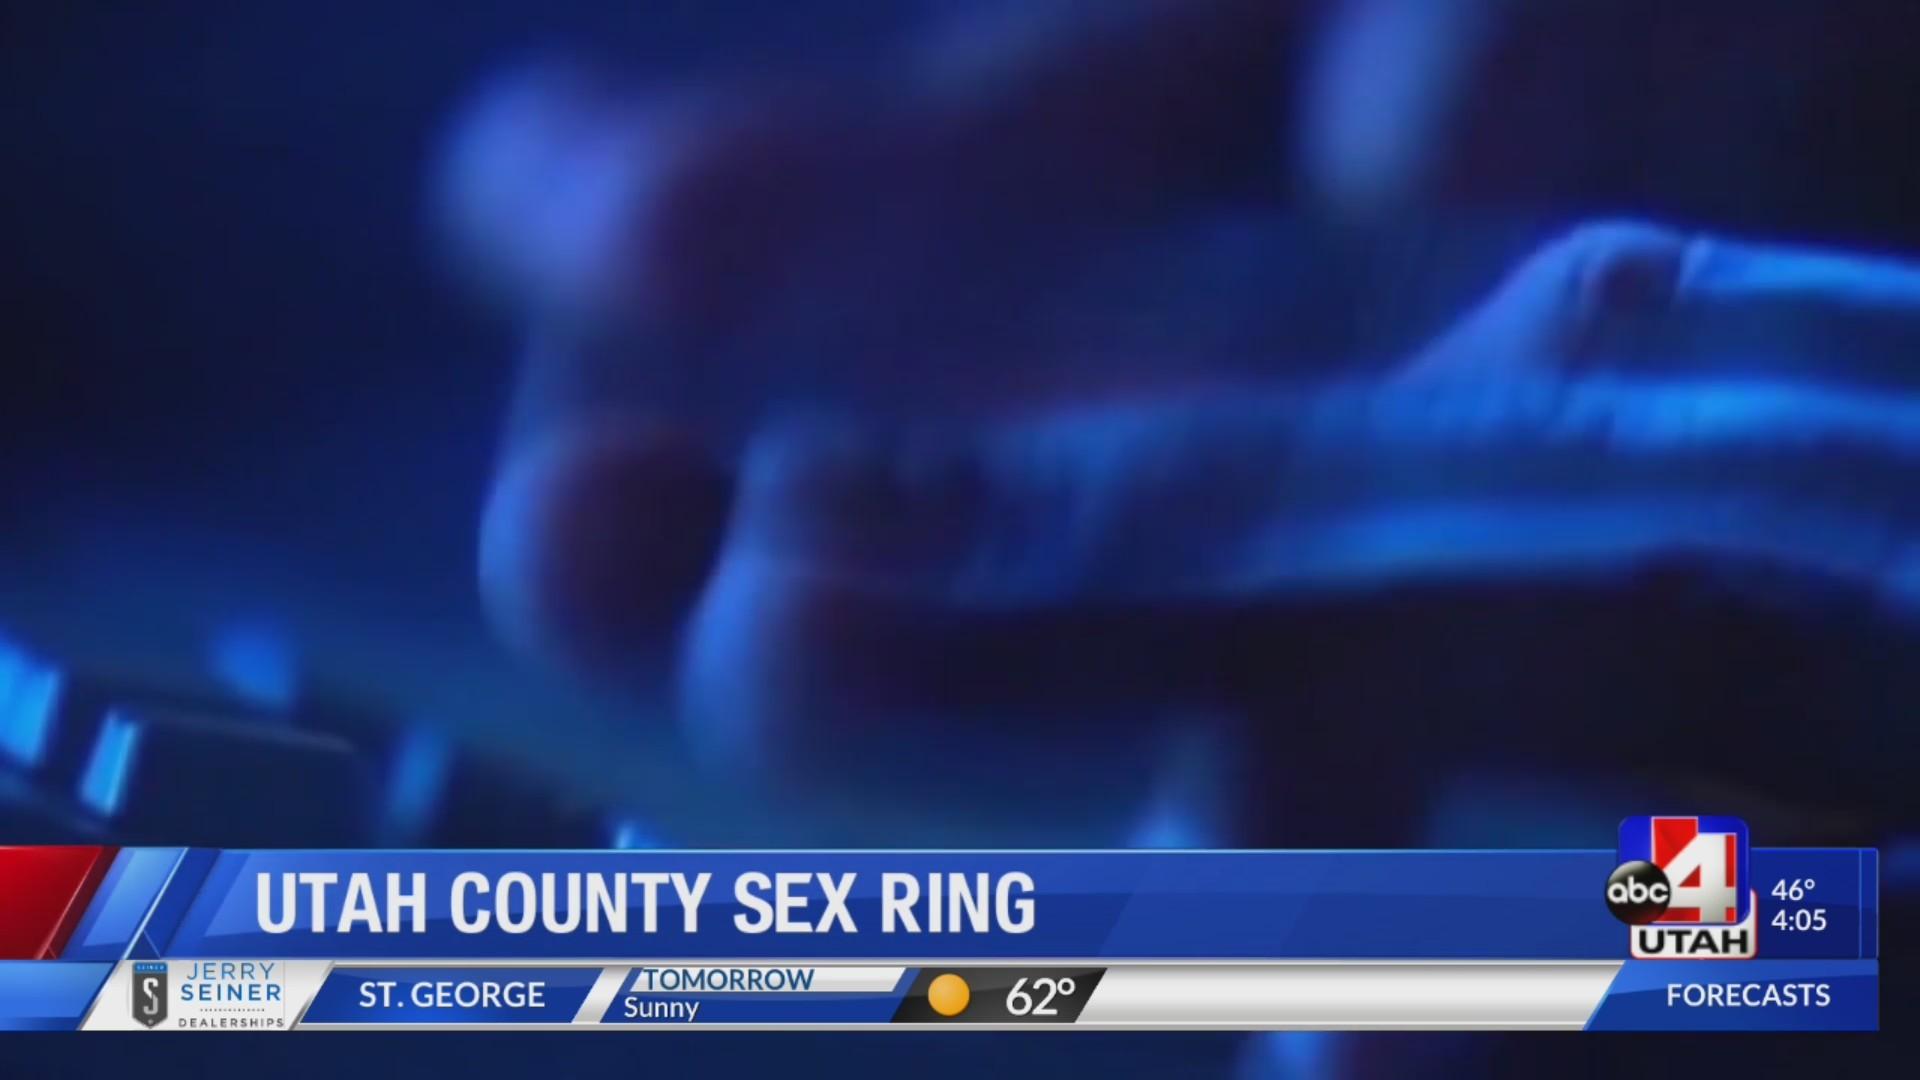 Utah County Sex Ring